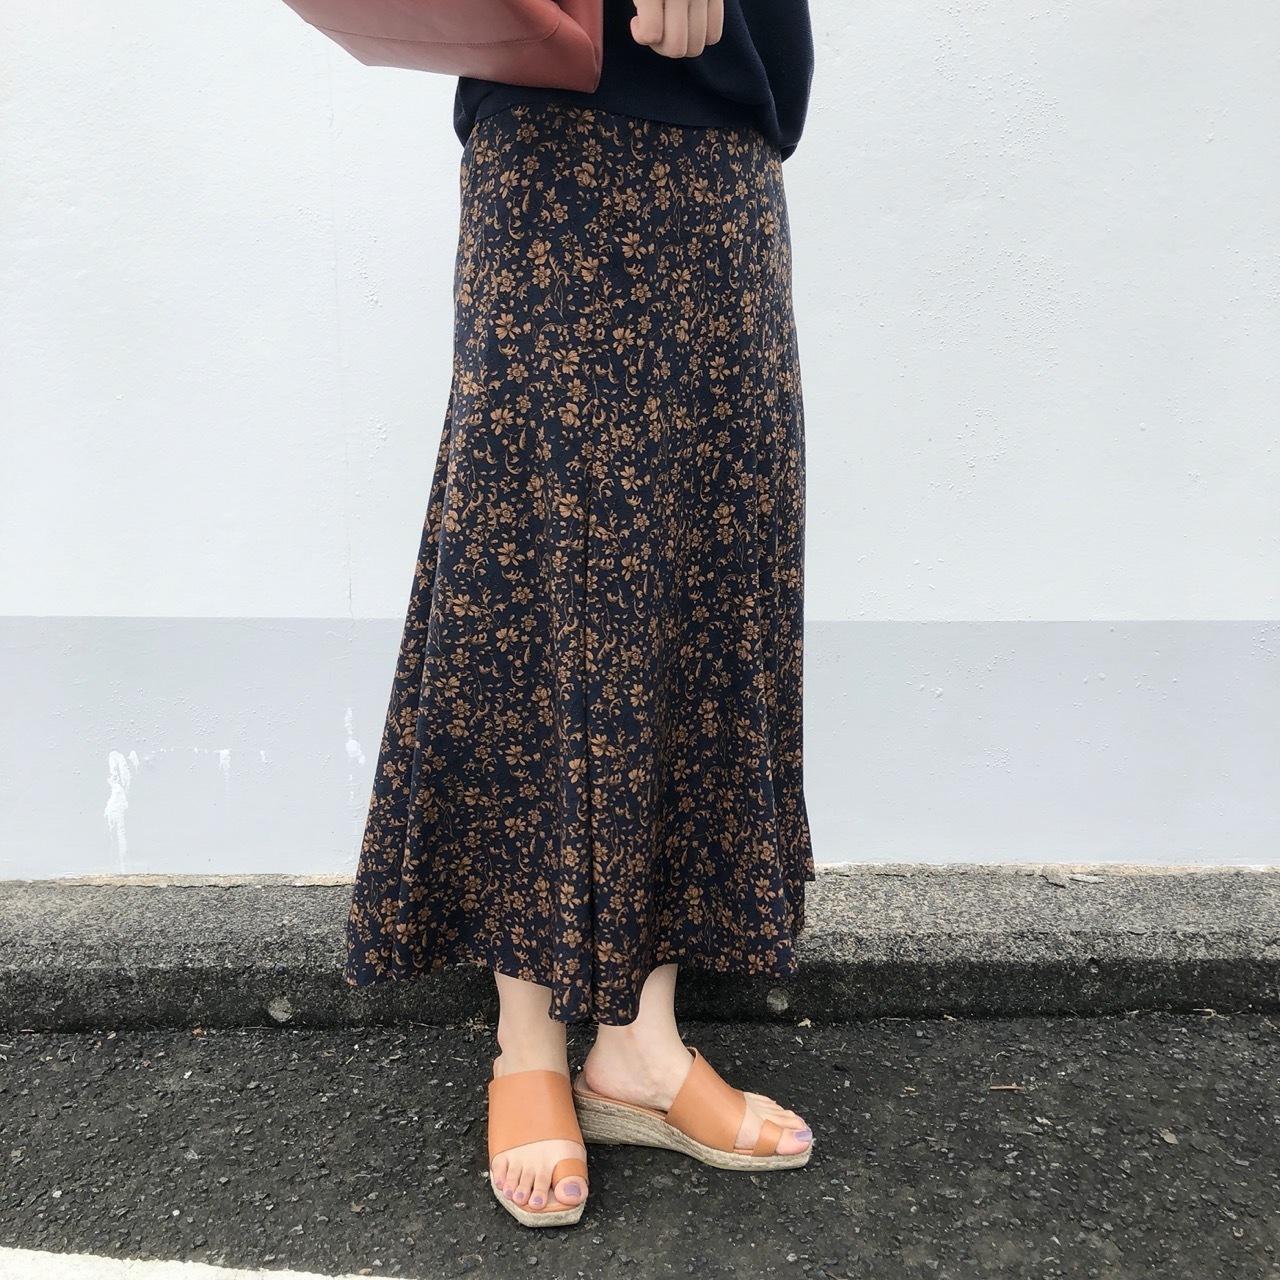 【 QTUME 】- 012-26201 - 花柄マーメイドスカート